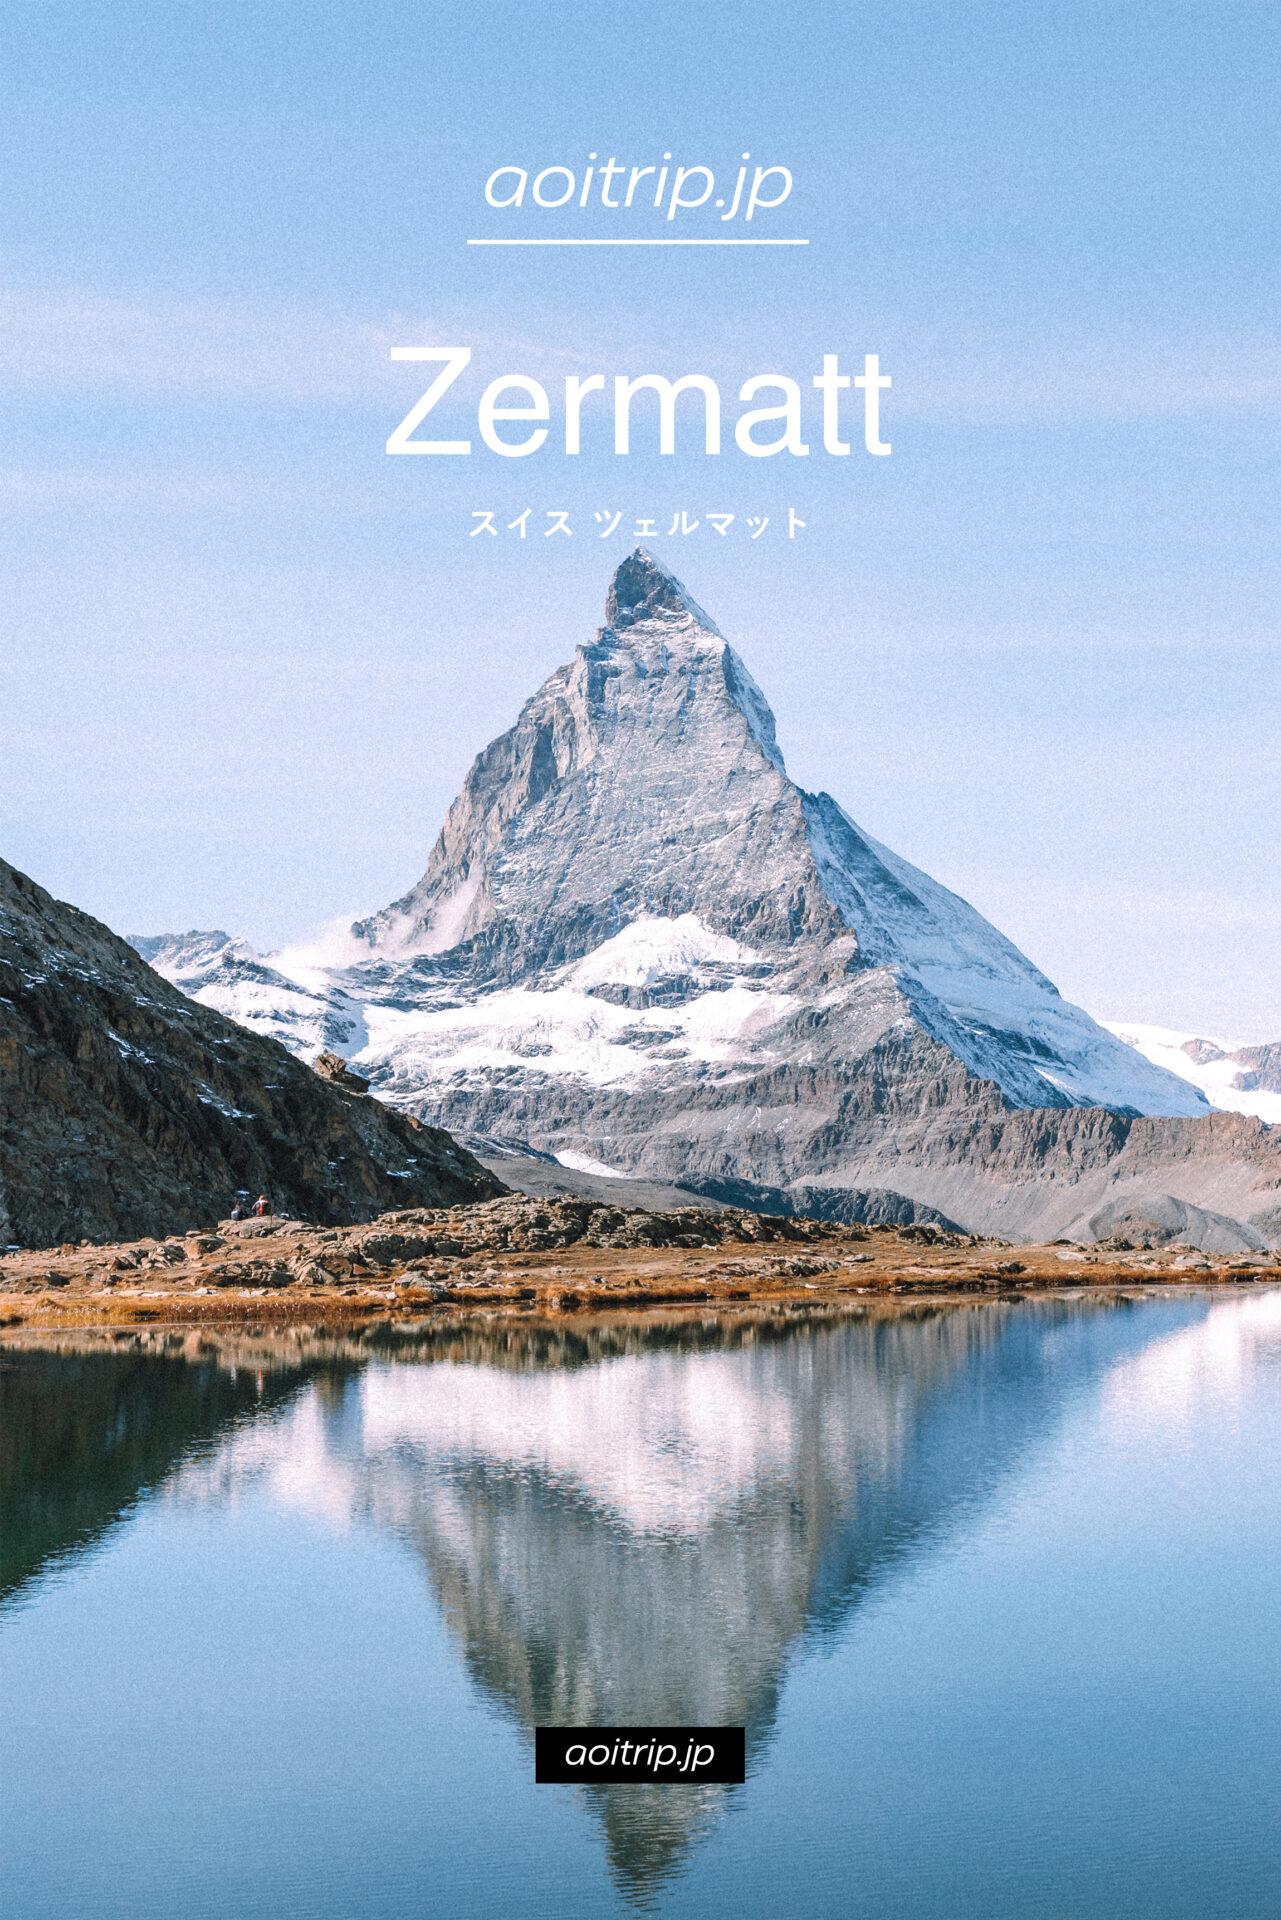 スイス ツェルマット観光 旅行ガイド|Zermatt Travel Guide